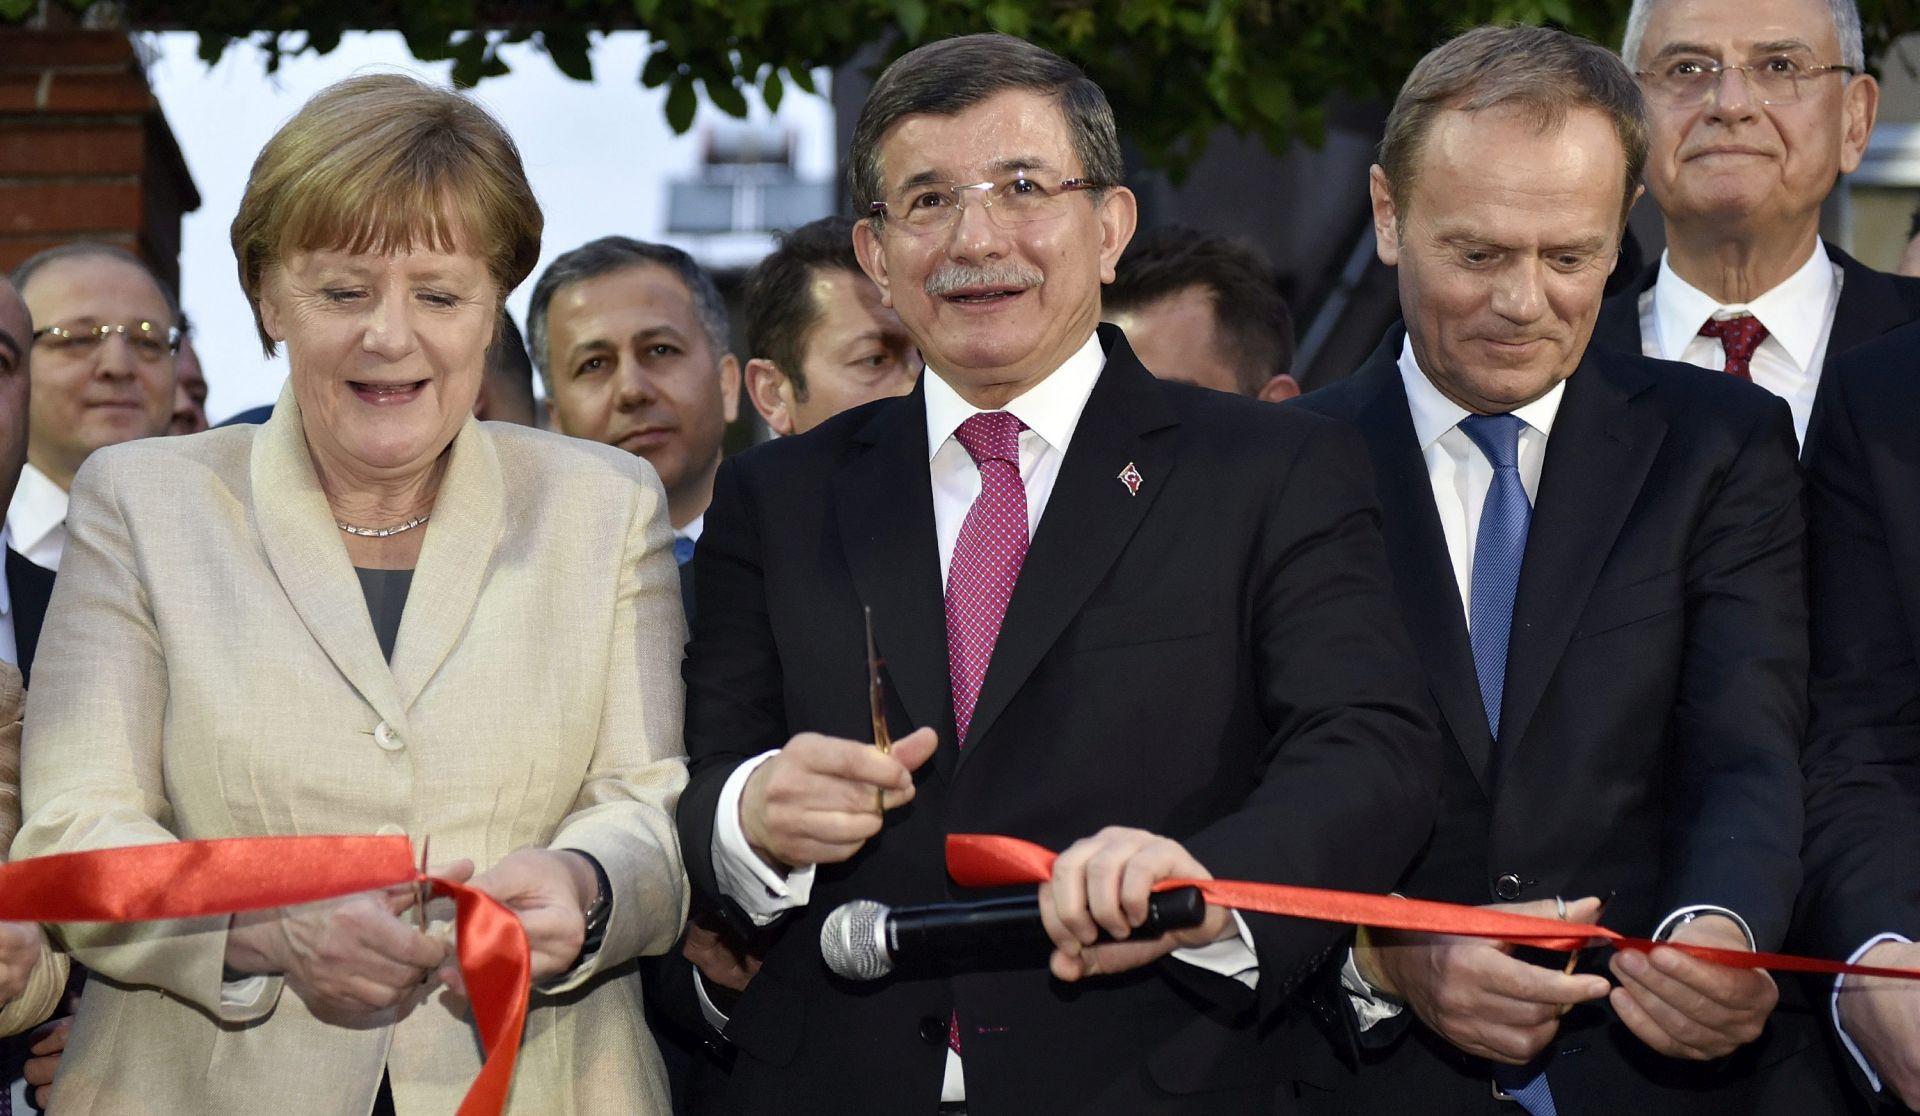 TURSKI MEDIJI Davutoglu odstupa sa premijerske pozicije nakon izvanrednog kongresa stranke